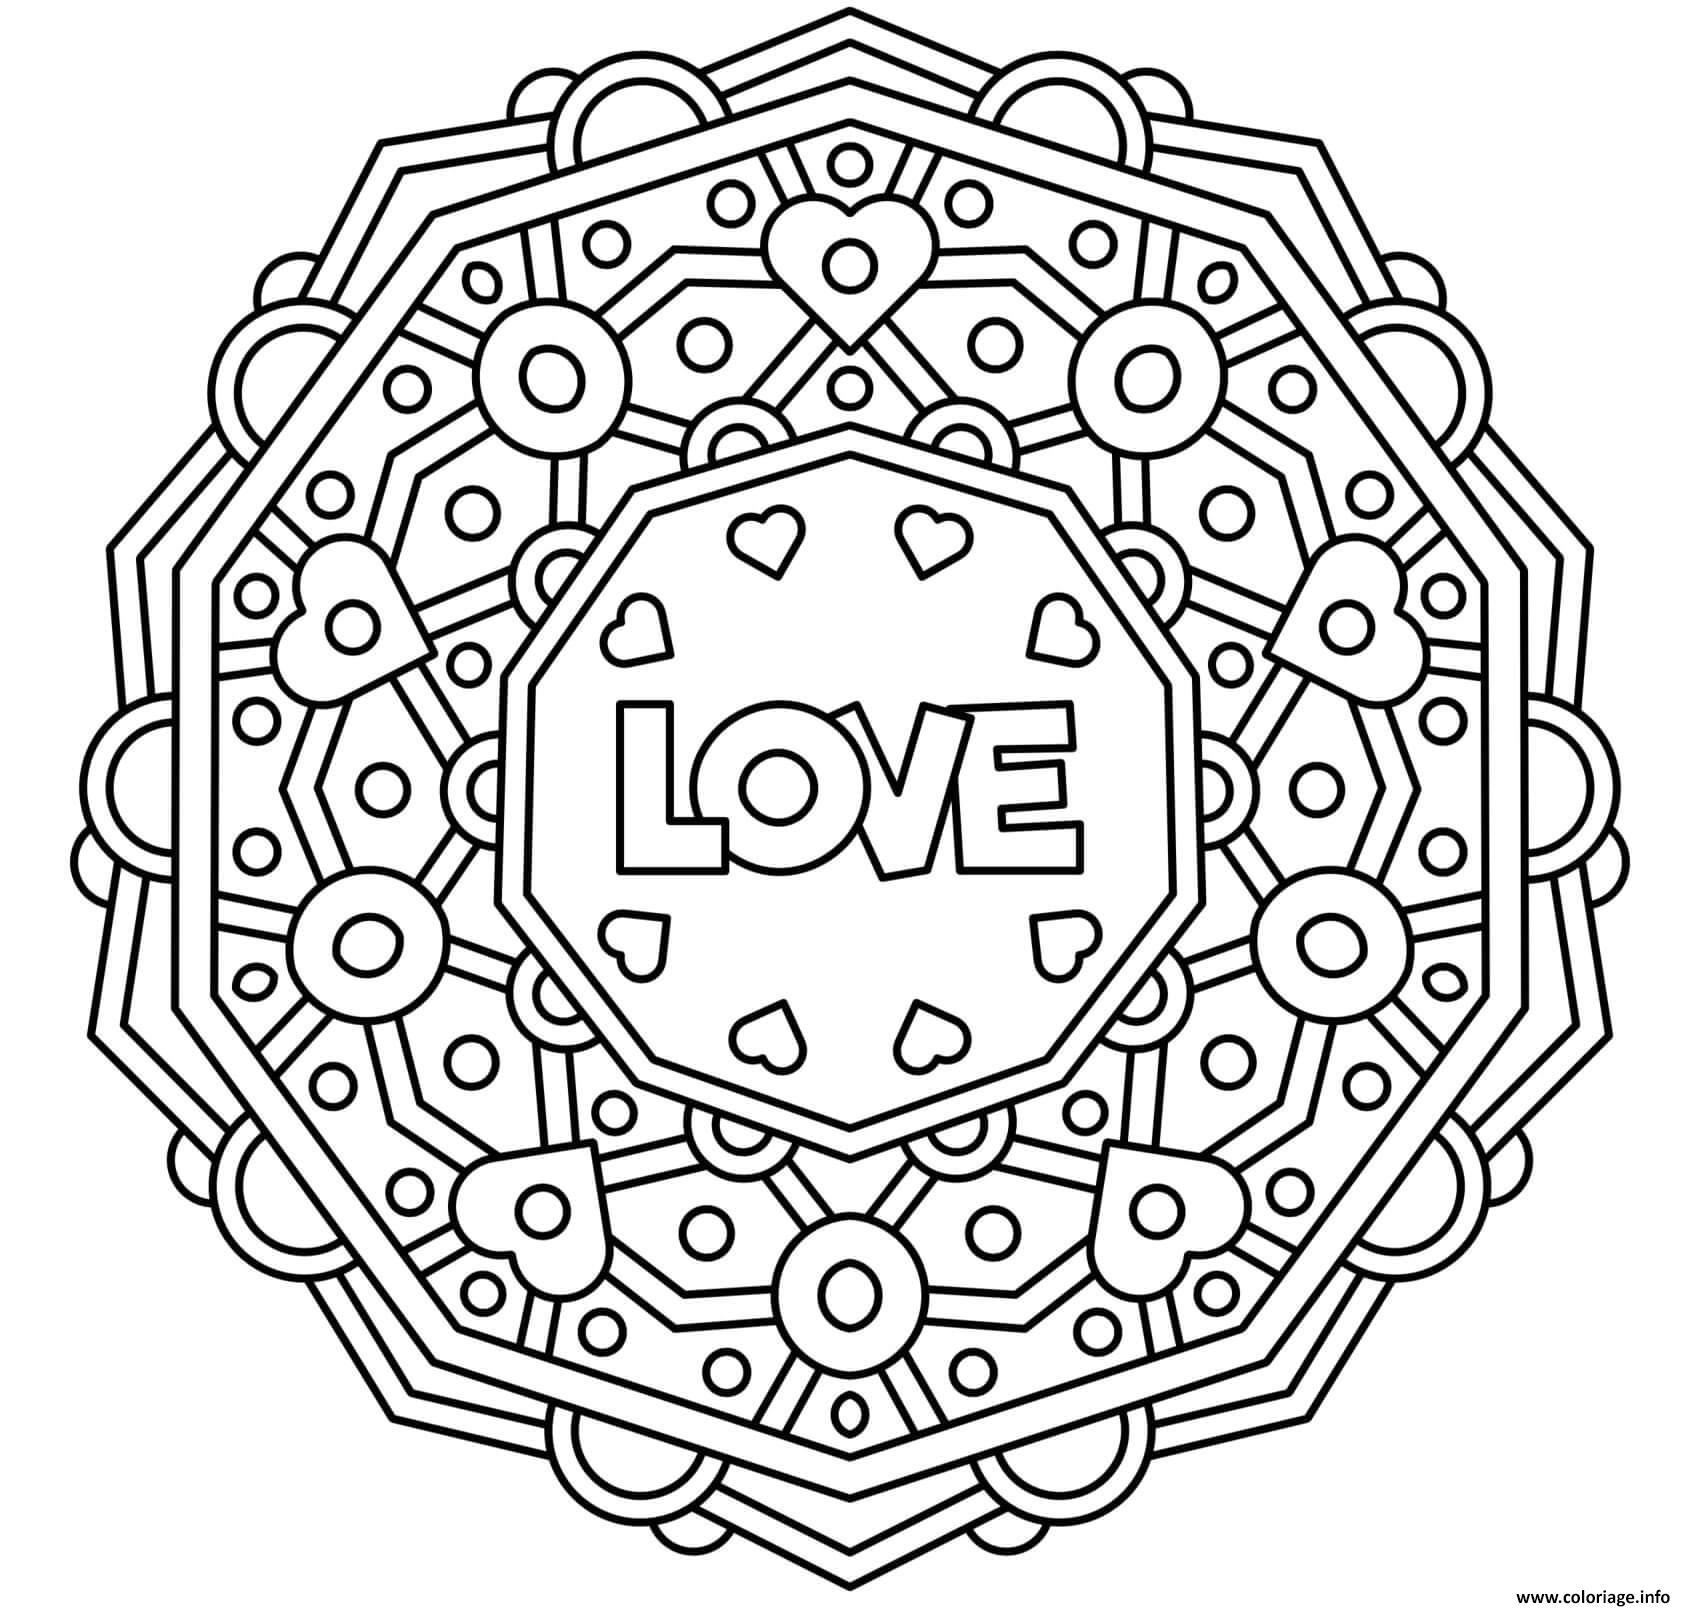 Dessin mandala amour coeur st valentin adulte Coloriage Gratuit à Imprimer